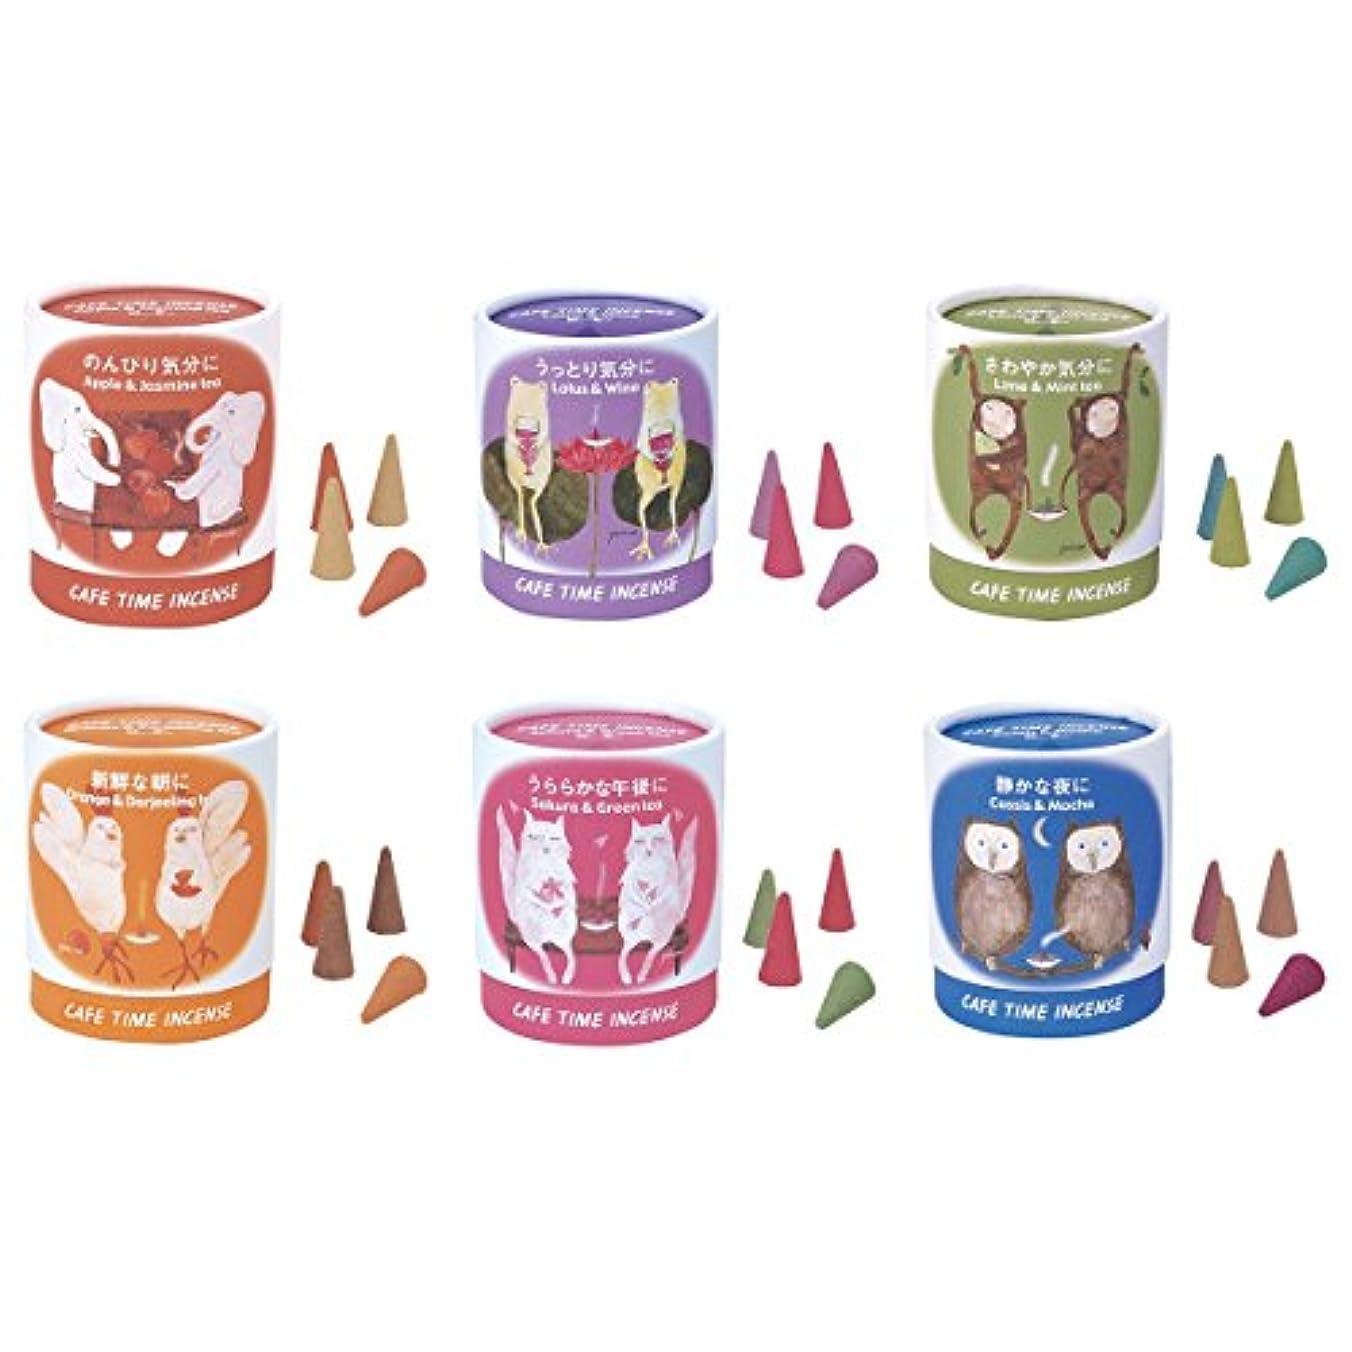 ベルベット毒リング日本香堂 カフェタイム インセンス 6種セット